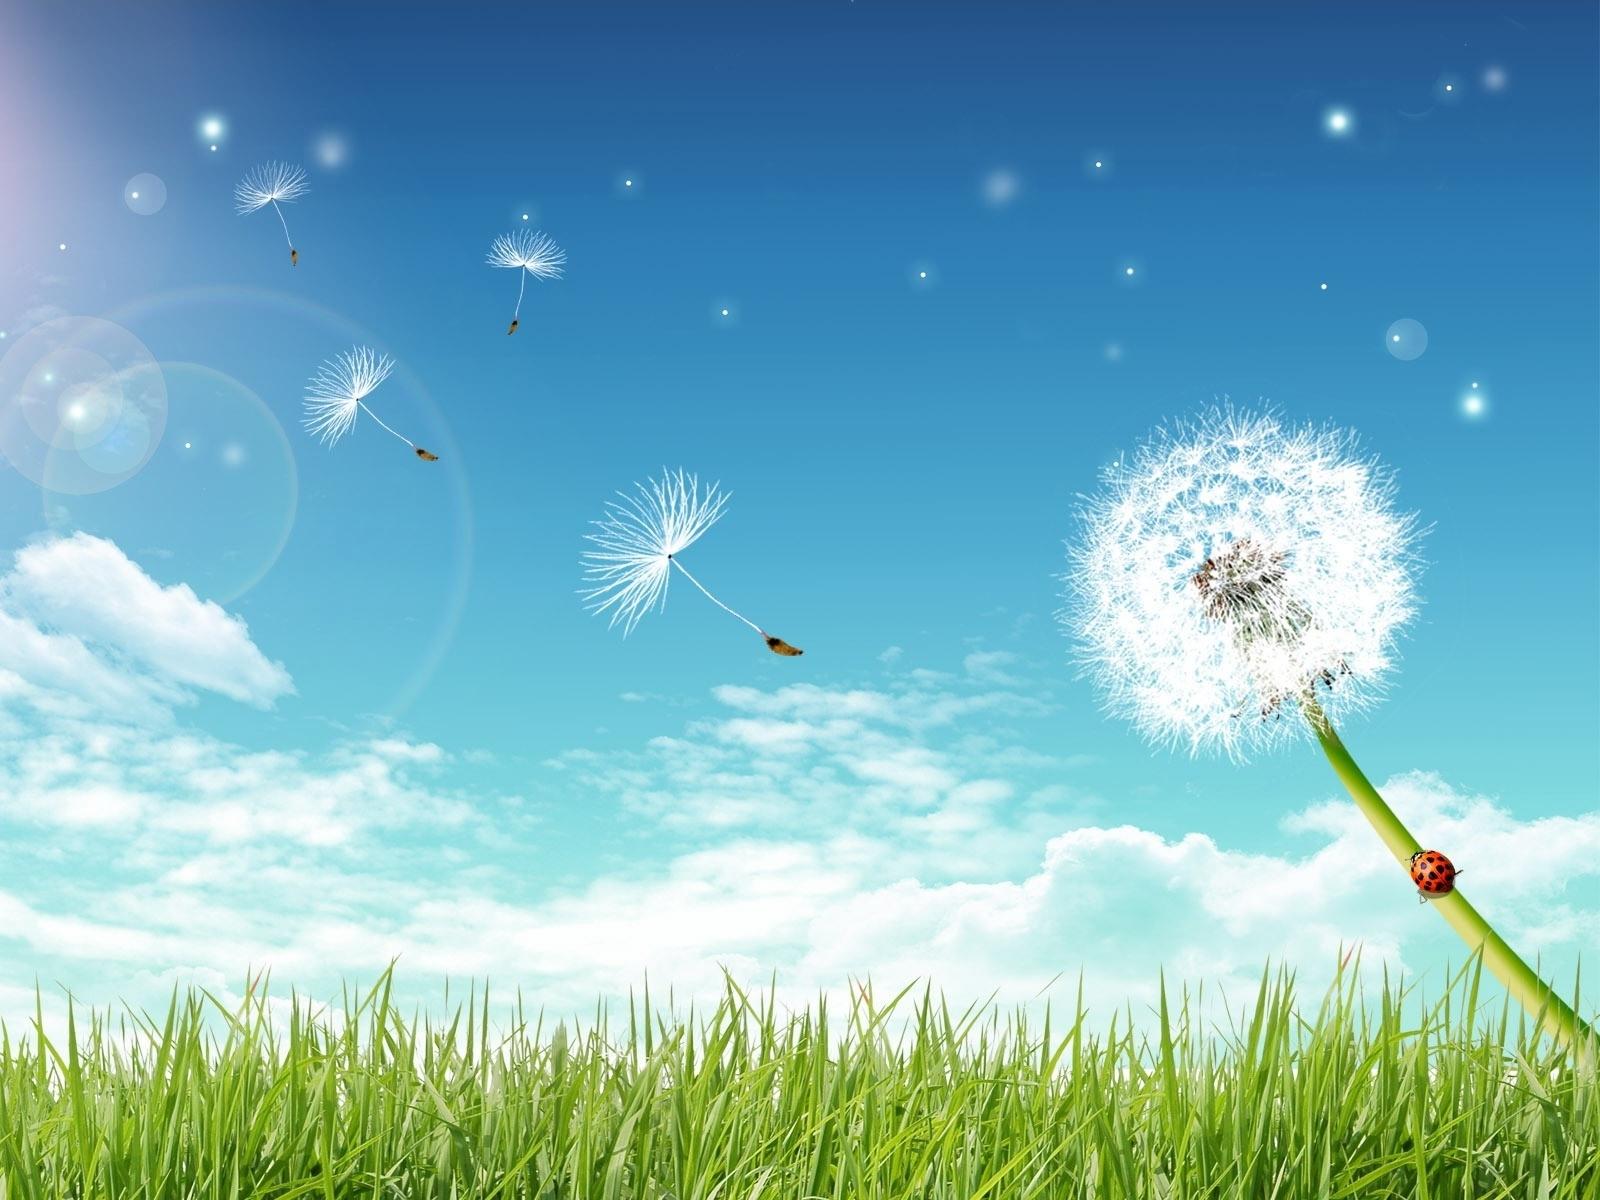 6942 fond d'écran 1125x2436 sur votre téléphone gratuitement, téléchargez des images Plantes, Paysage, Sky, Pissenlits, Dessins 1125x2436 sur votre mobile